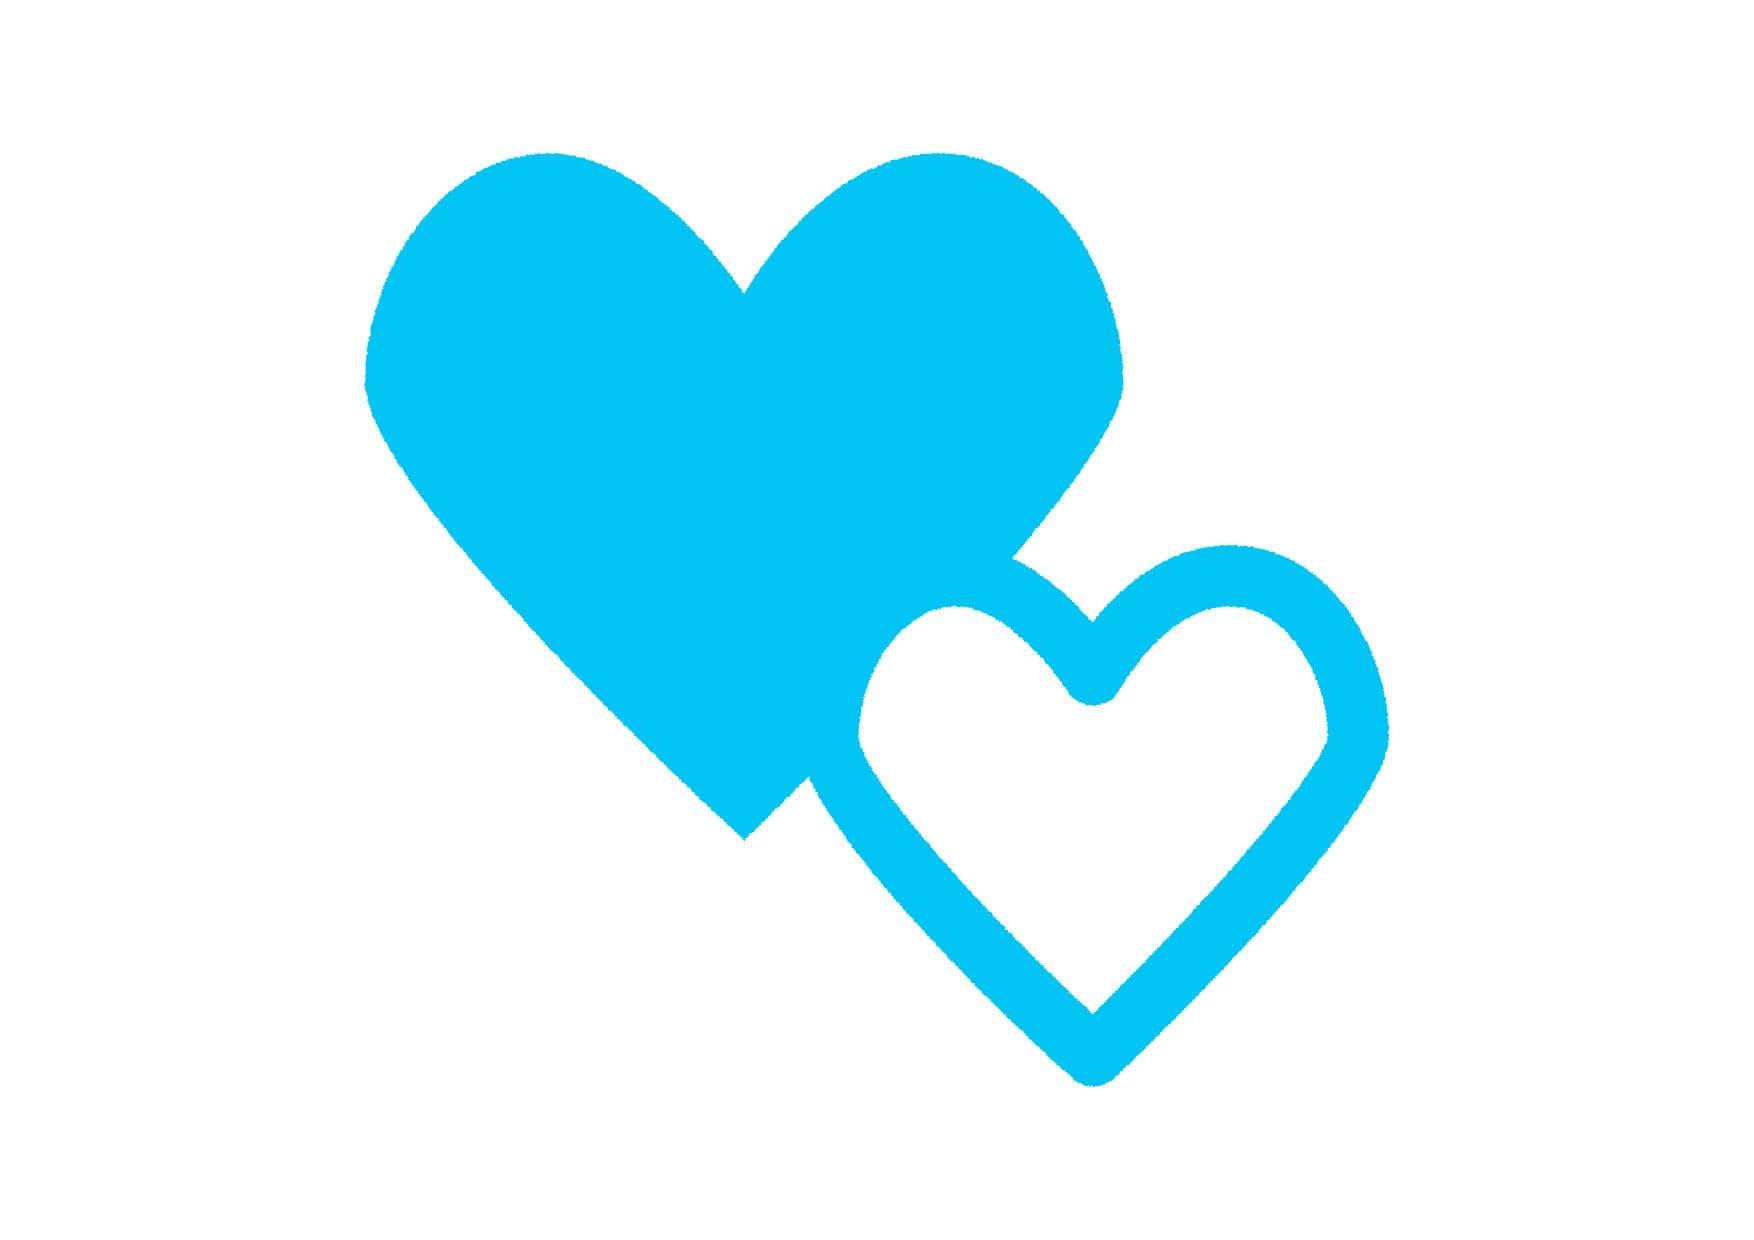 可愛いイラスト無料|ハートマーク 水色 − free illustration  Heart mark light blue